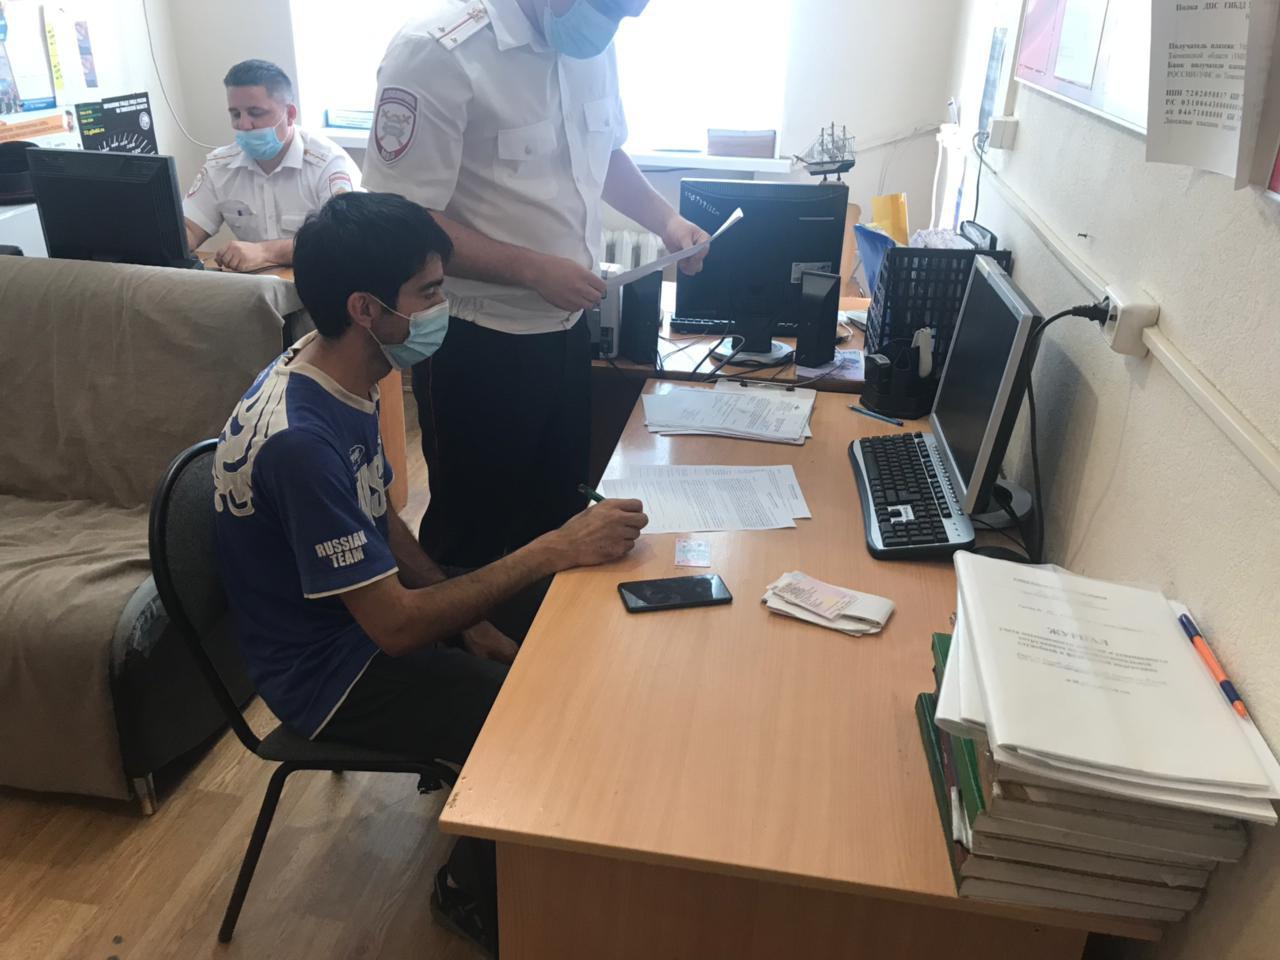 В Тюмени водителя «Лады» оштрафовали за запрещенный разворот 1